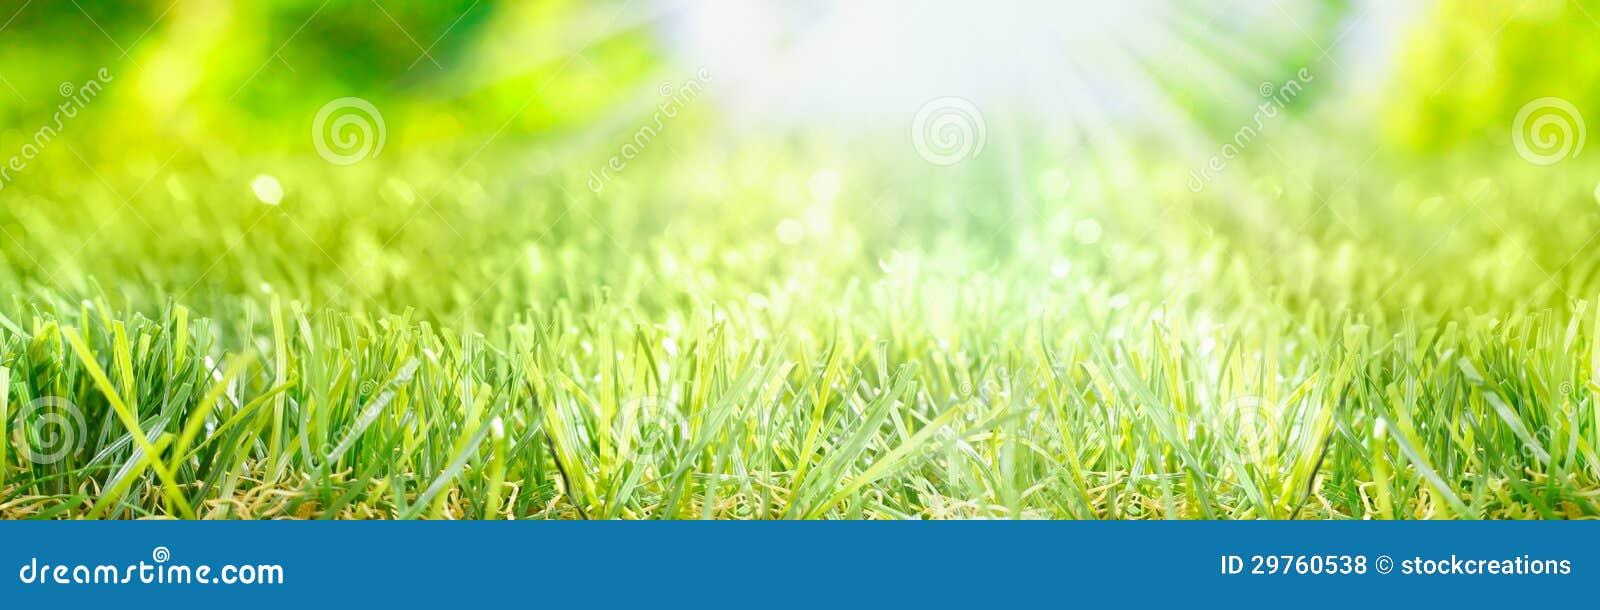 Fabuleux Bannière de ressort photo stock. Image du lumière, jardinage  EC49